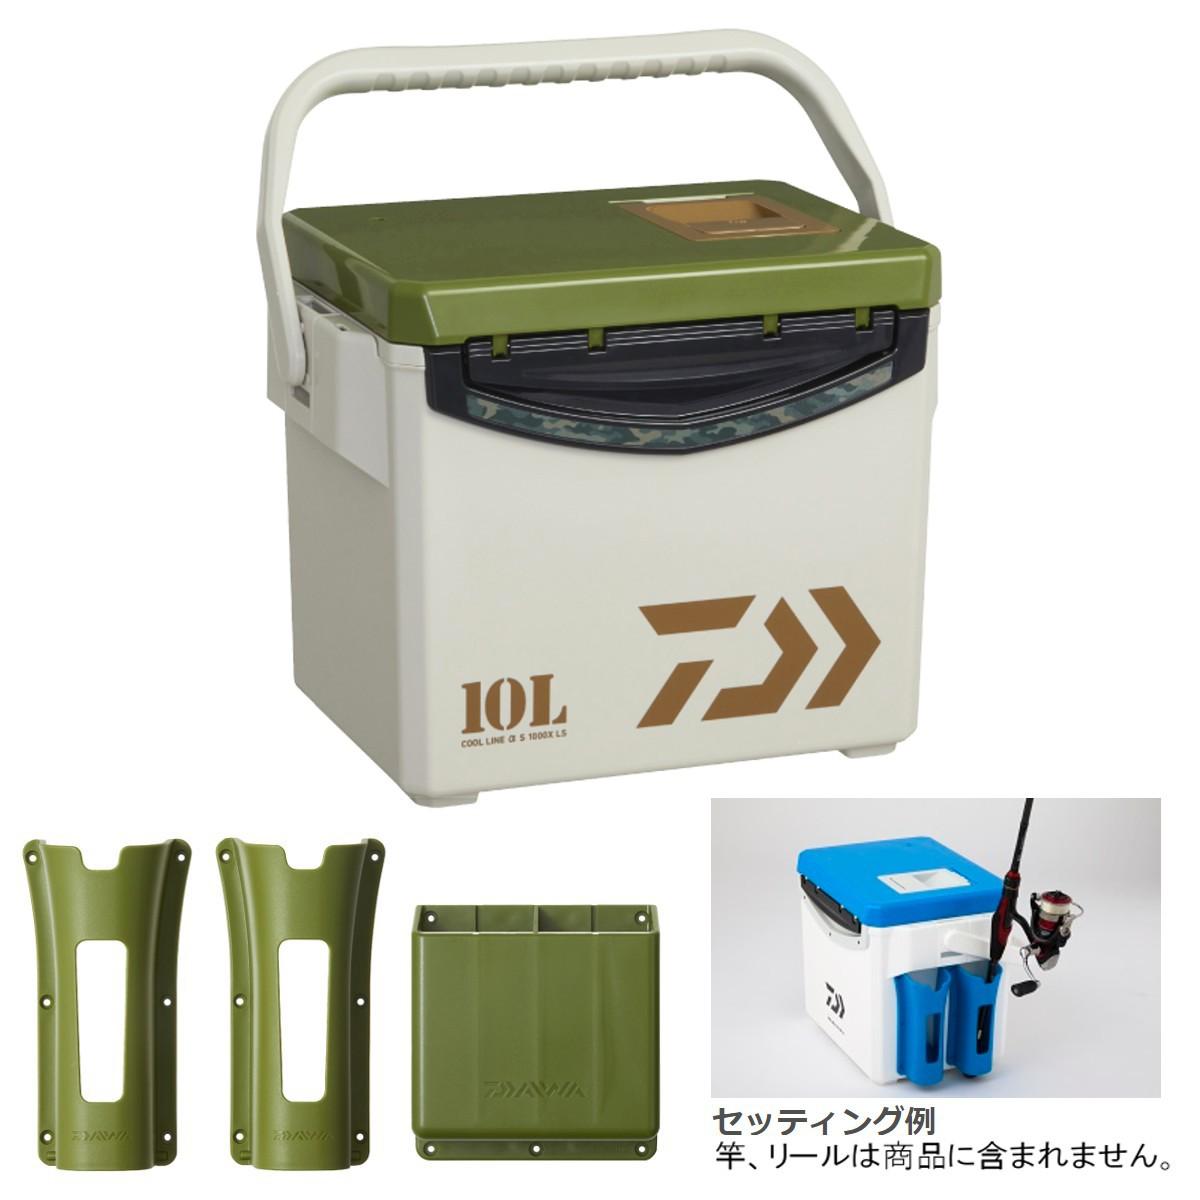 ダイワ クールラインα S 1000X LS グリーン クーラーボックス